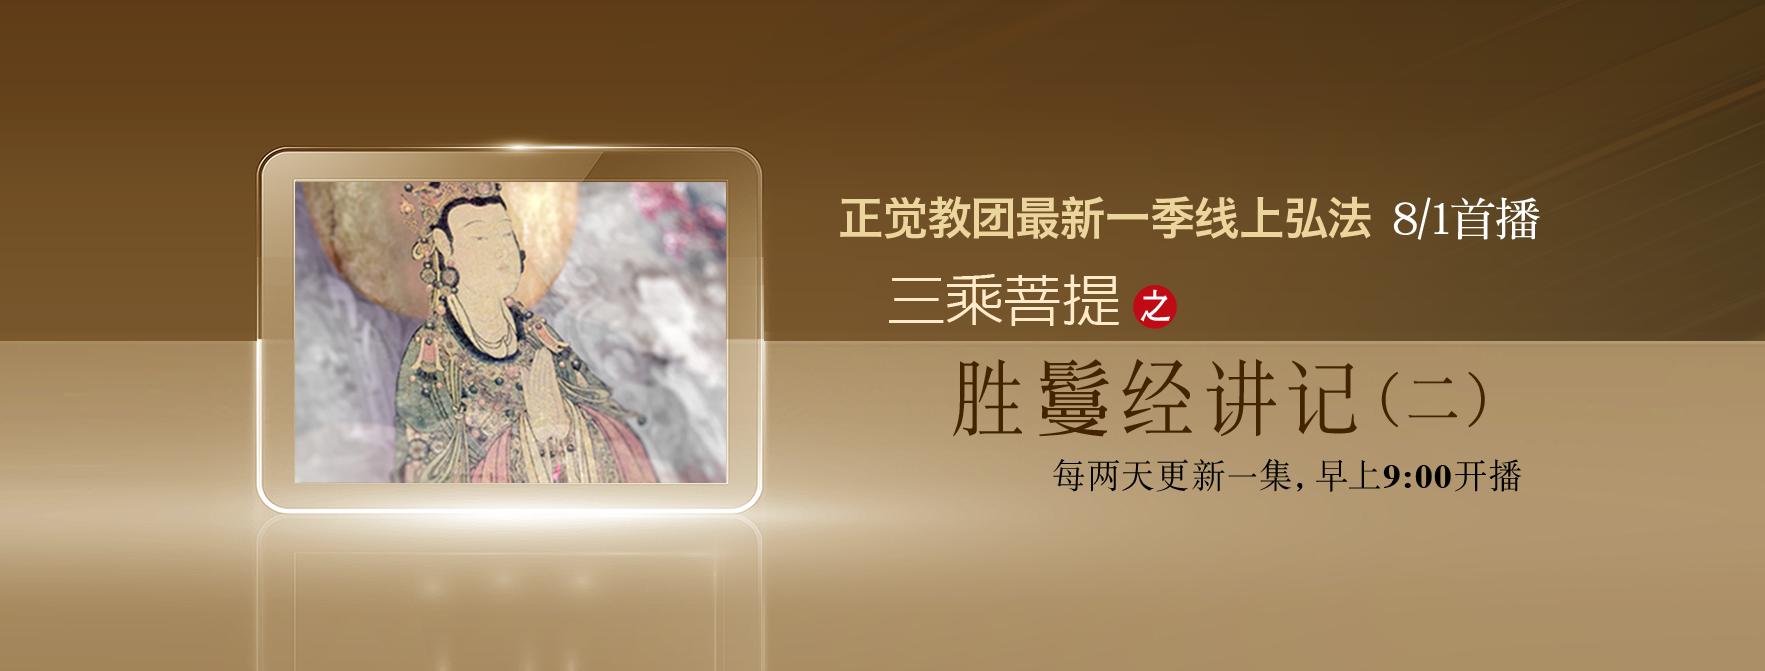 banner-a22-cn